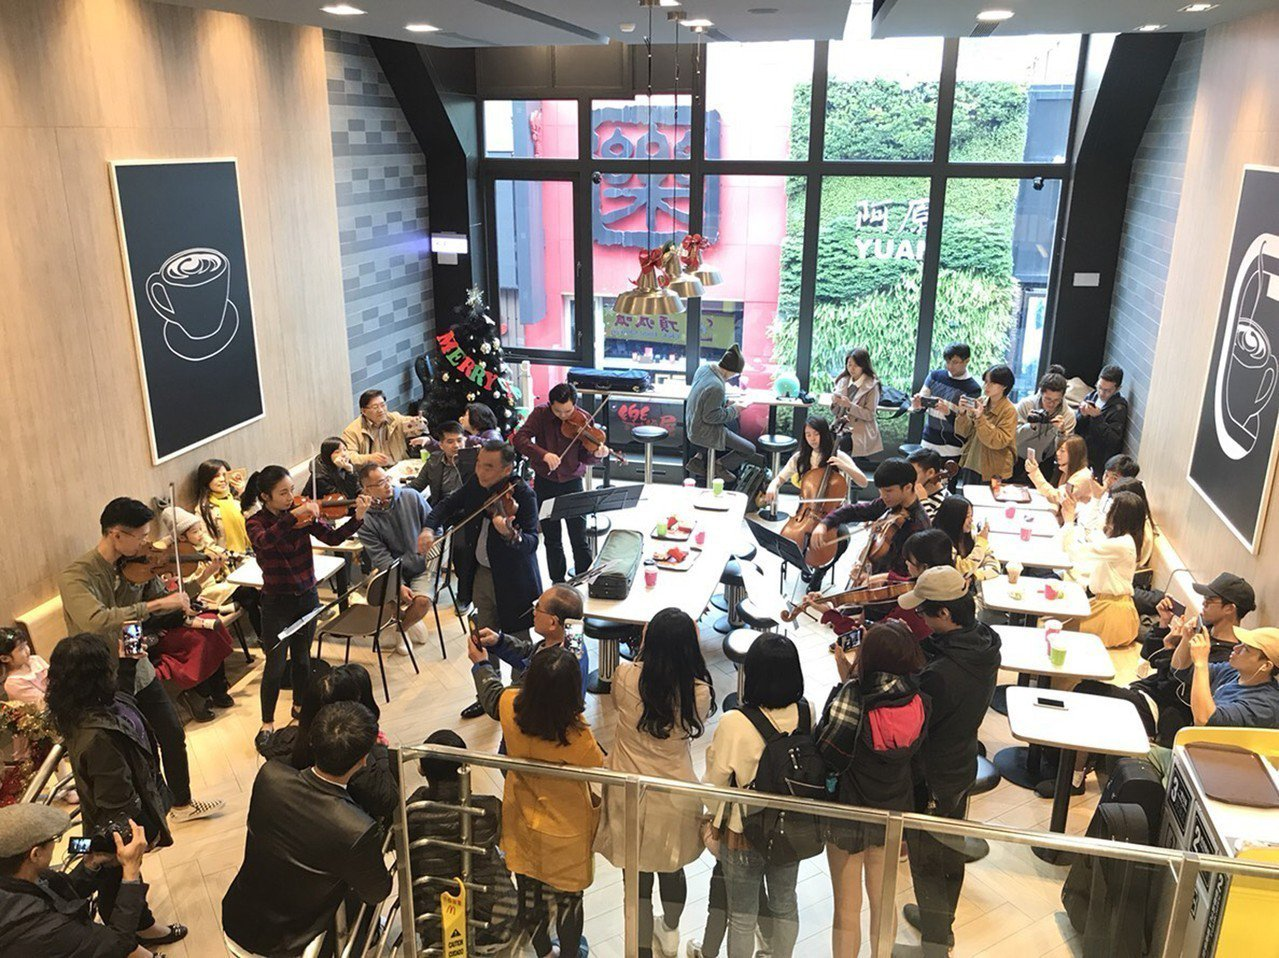 國際小提琴家林昭亮24日率團隊成員在知名連鎖速食店台北門市內快閃帶來音樂演出,讓...